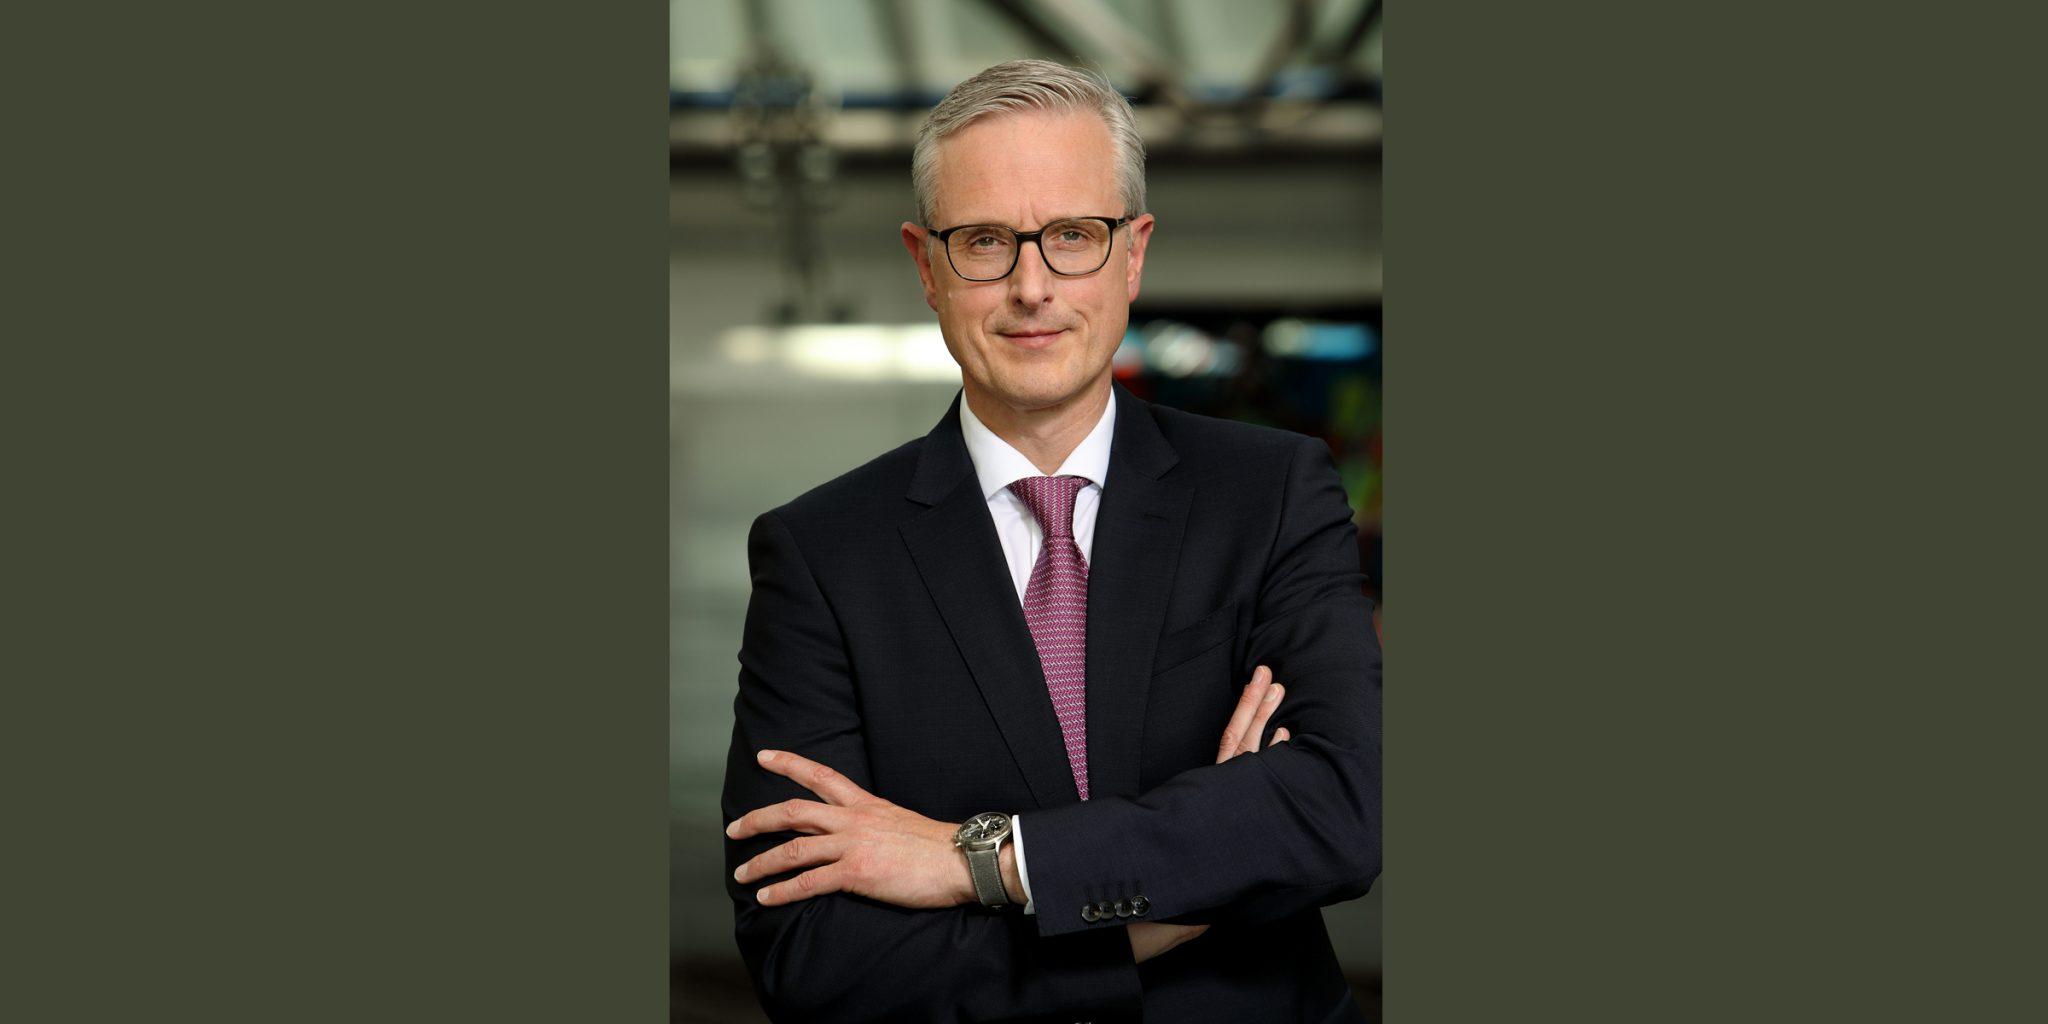 Farbporträt von einem Mann im eleganten Business-Dress (Deutsche Bank Luxemburg), der mit gekreuzten Armen und selbstbewusstem Blick posiert.